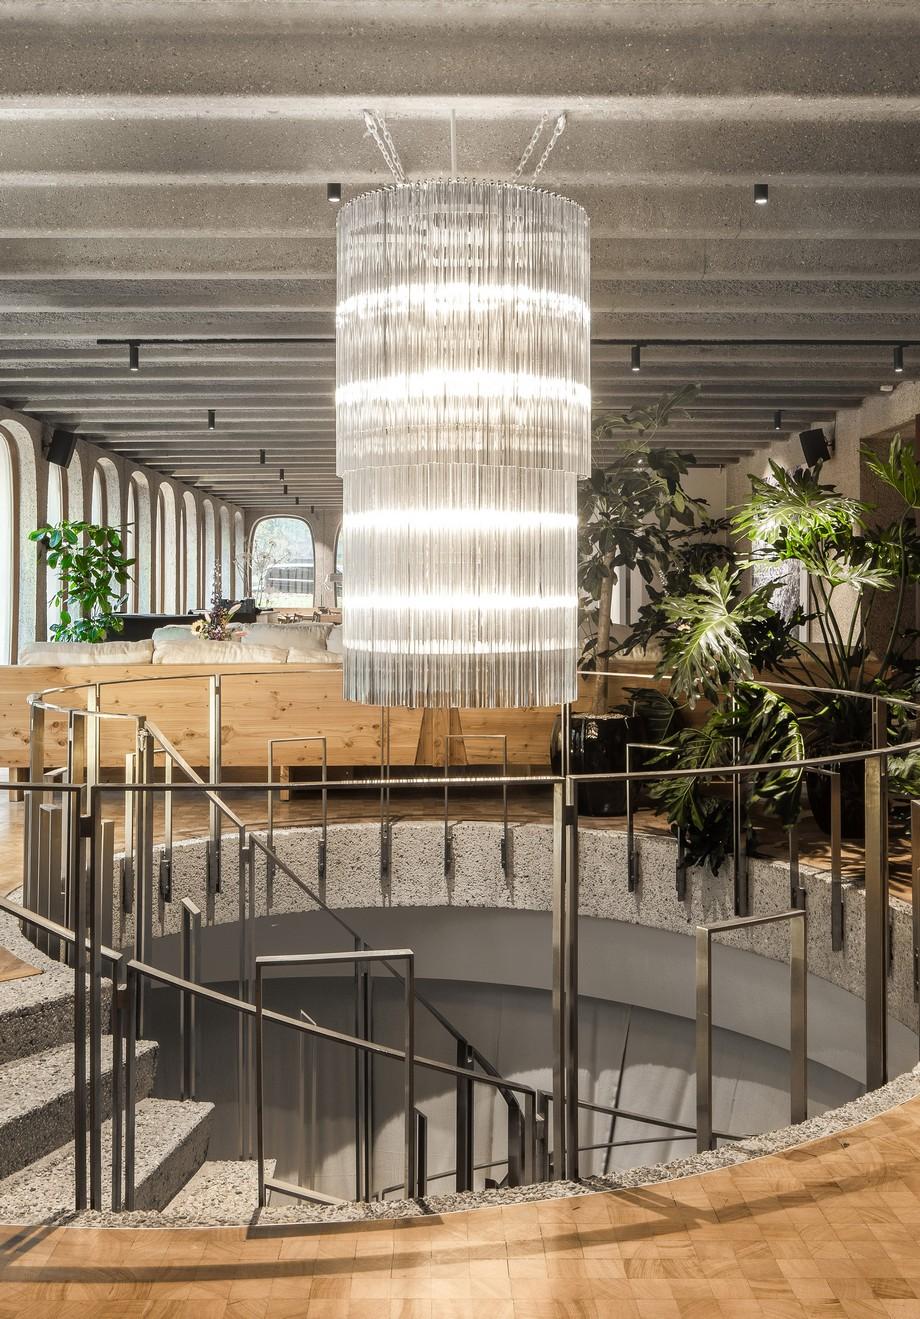 Thiết kế đèn chùm khổng lồ ấn tượng , thả dài từ trên đỉnh nhà xuống là điểm nhấn thú vị cho không gian này.